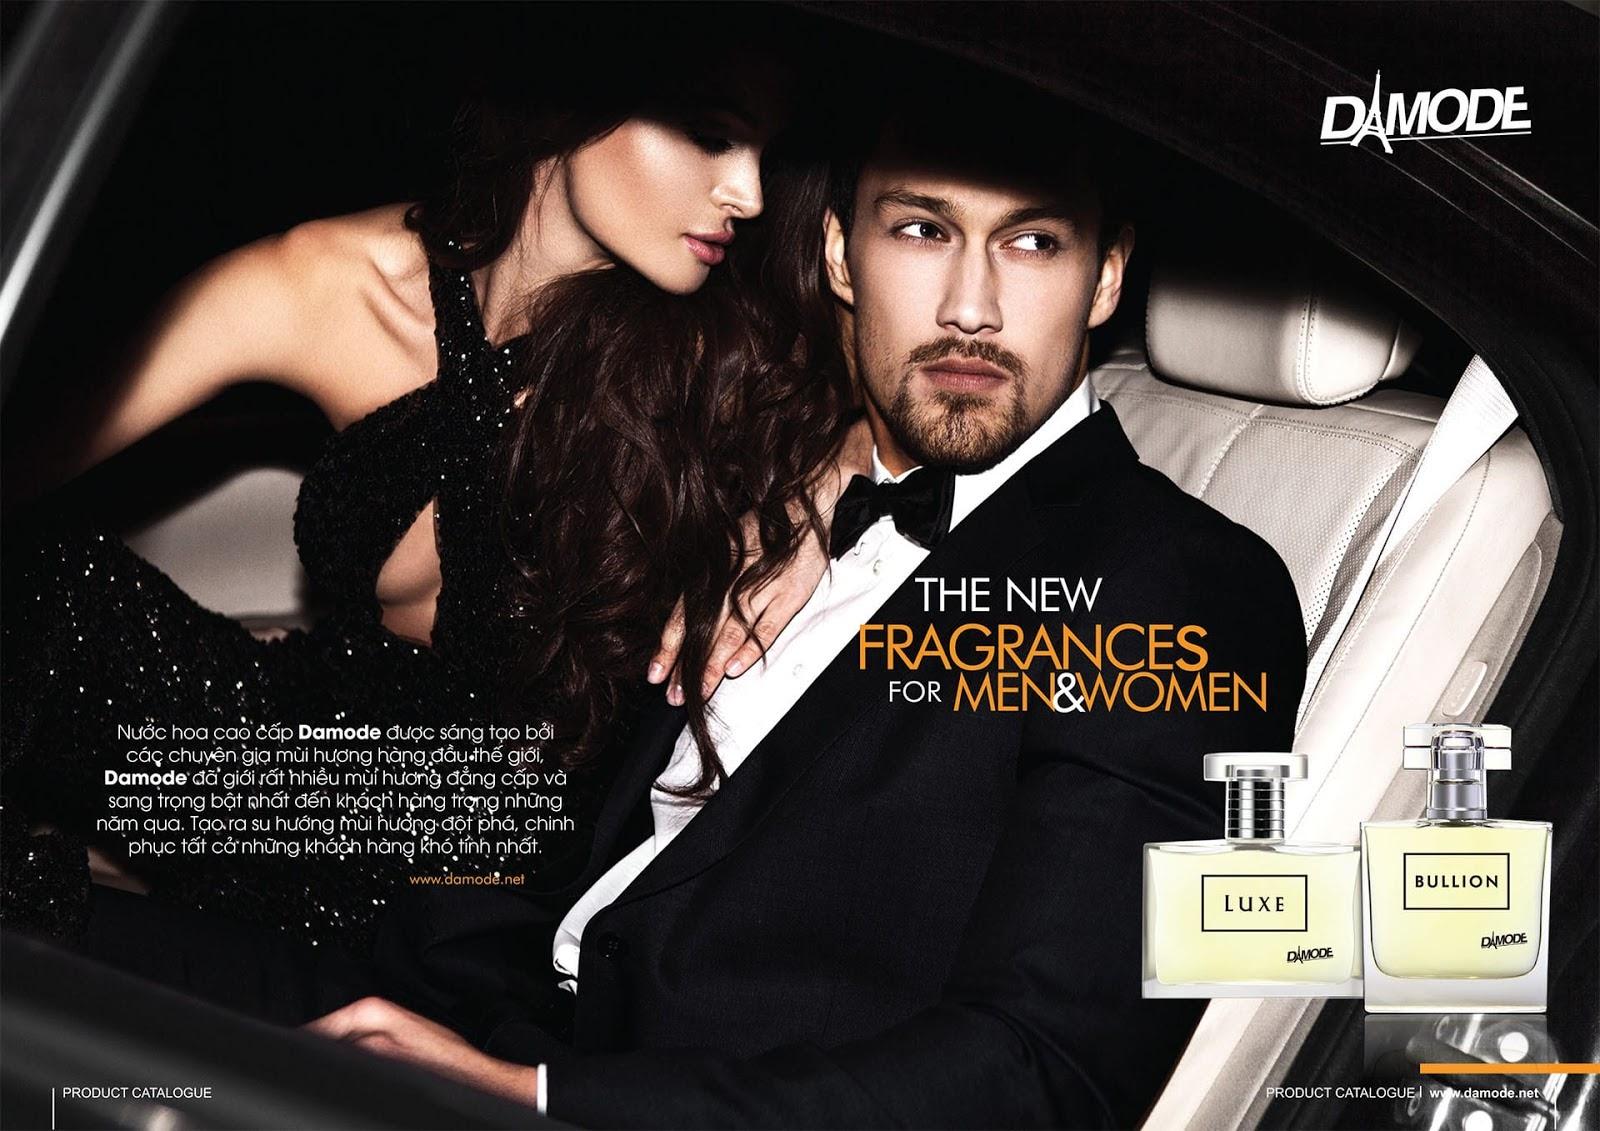 Damode Parfume Product